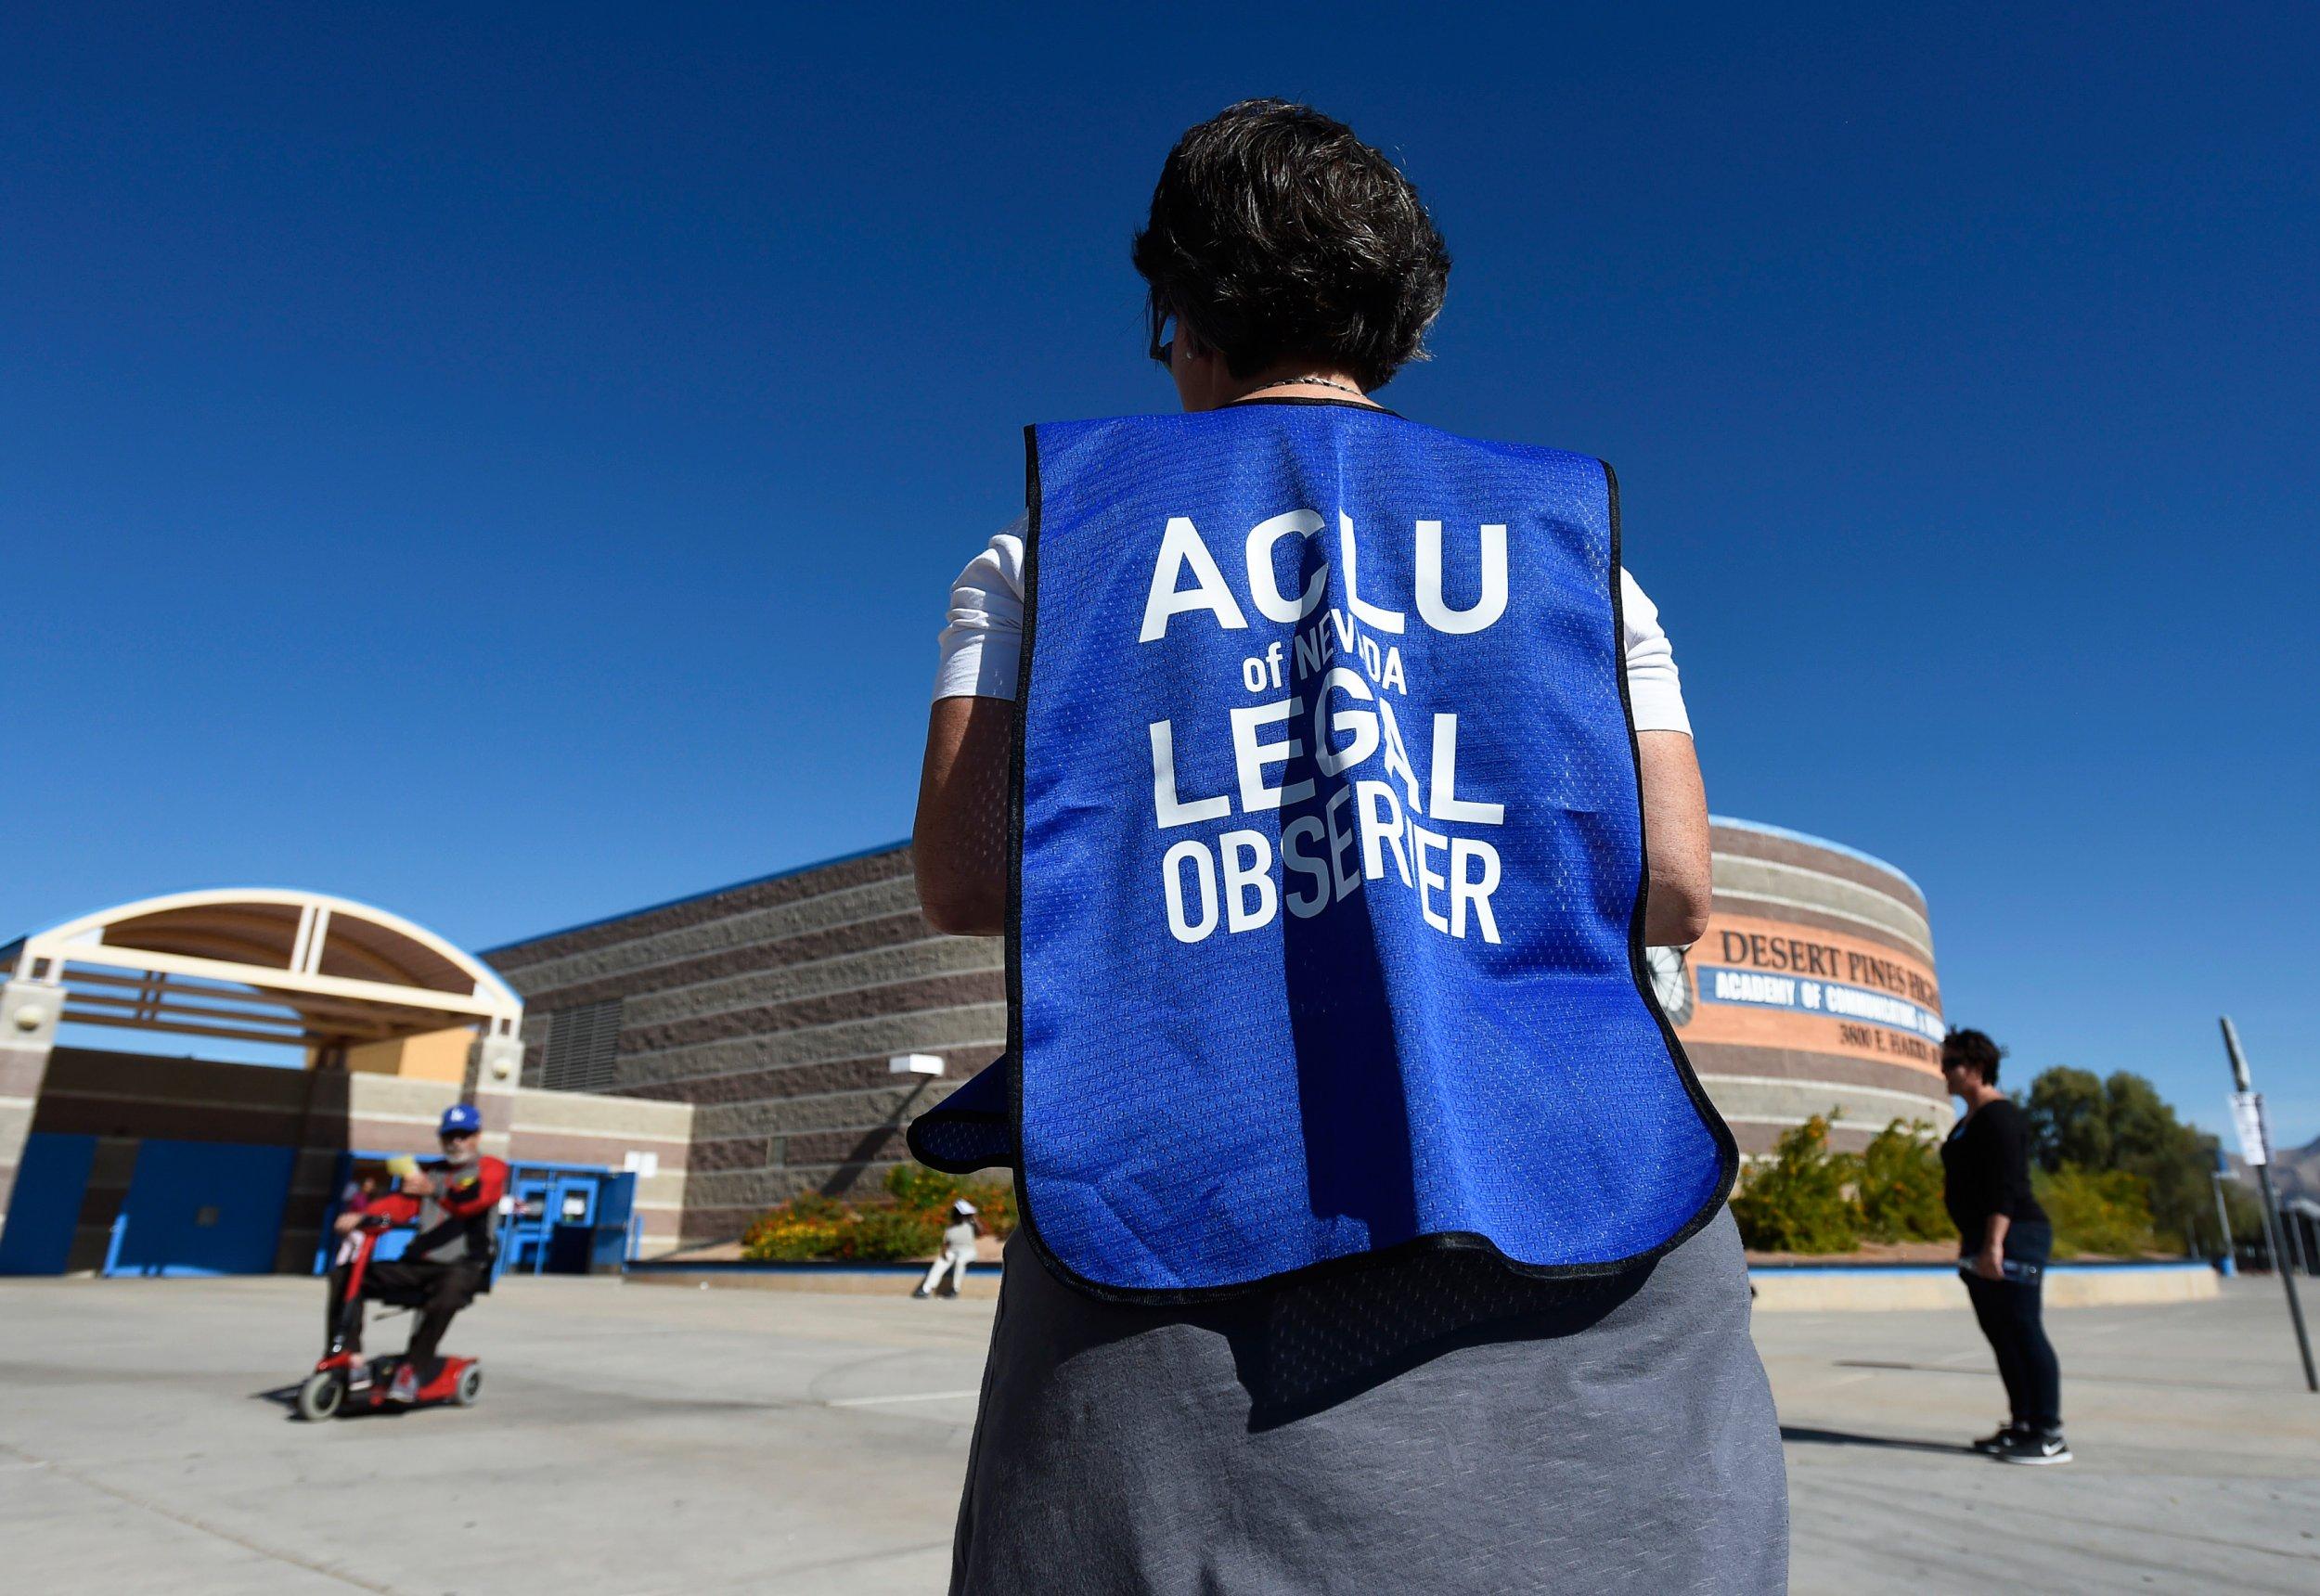 ACLU observer